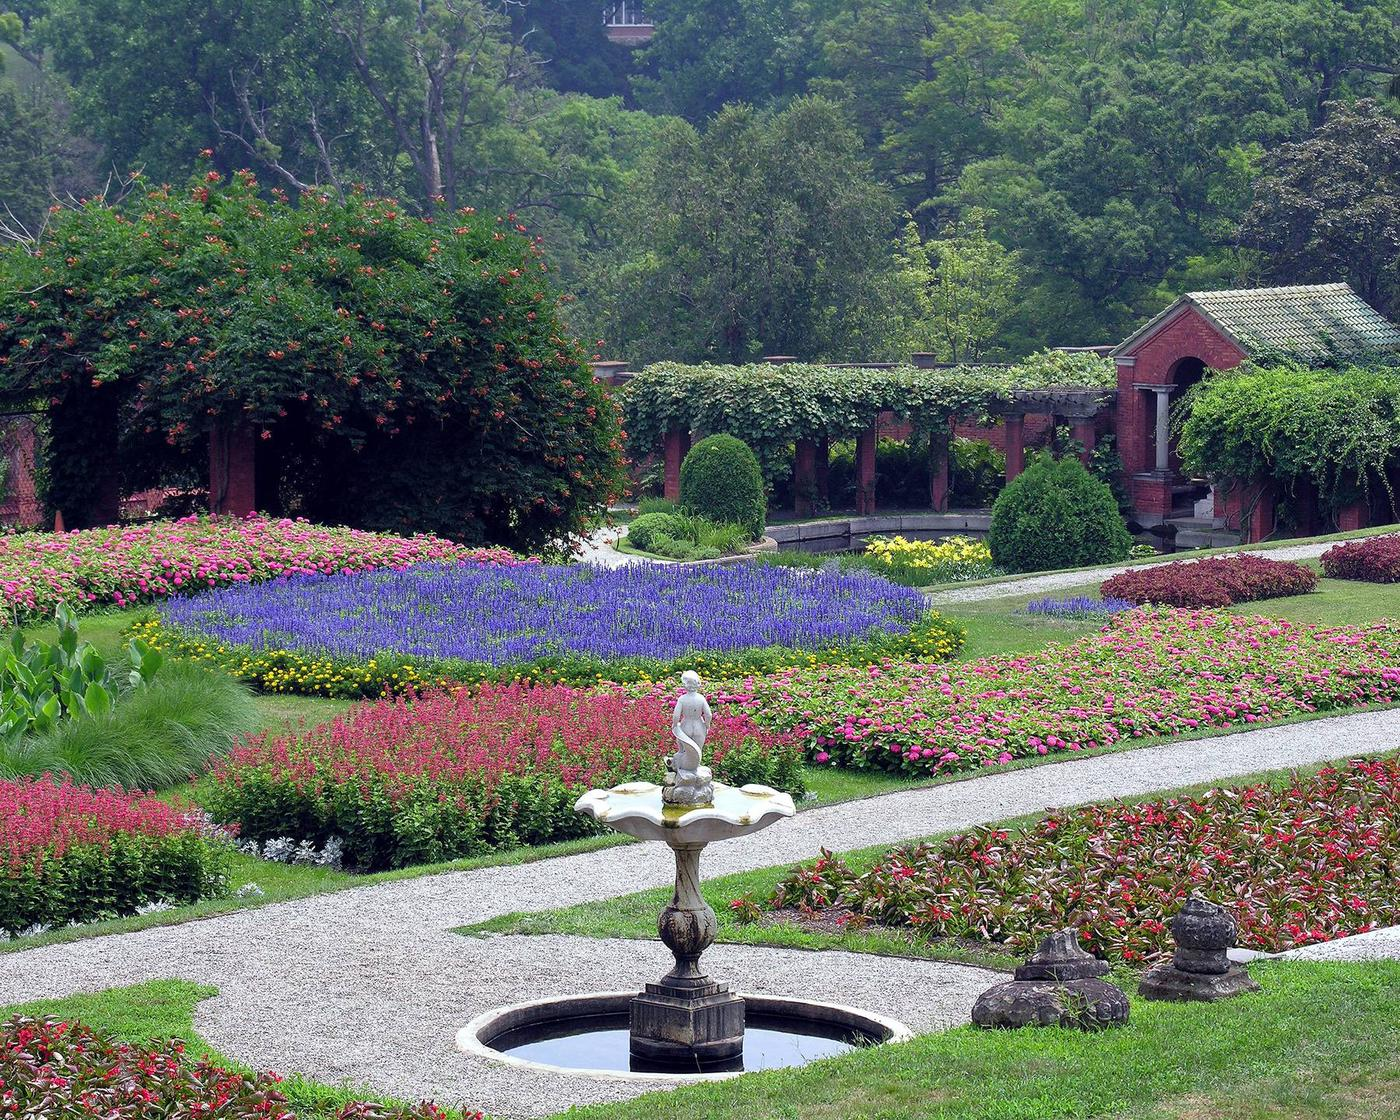 Vanderbilt Italian Garden in bloom